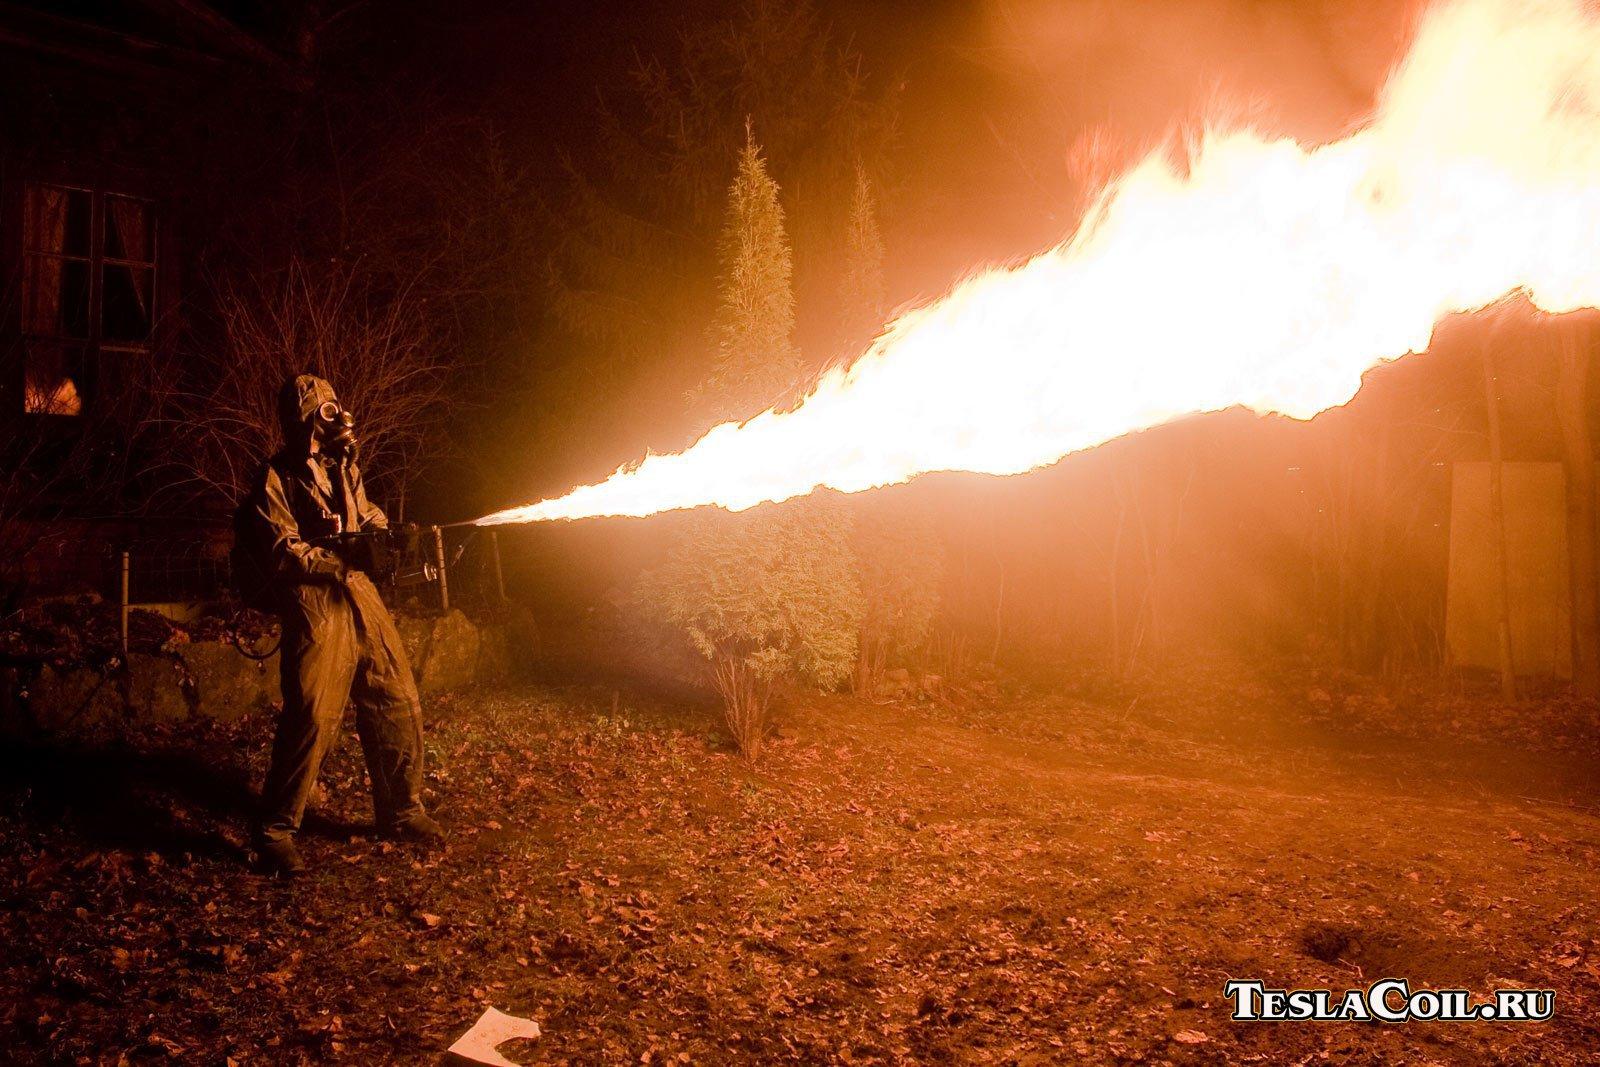 Как сделать ручной огнемёт